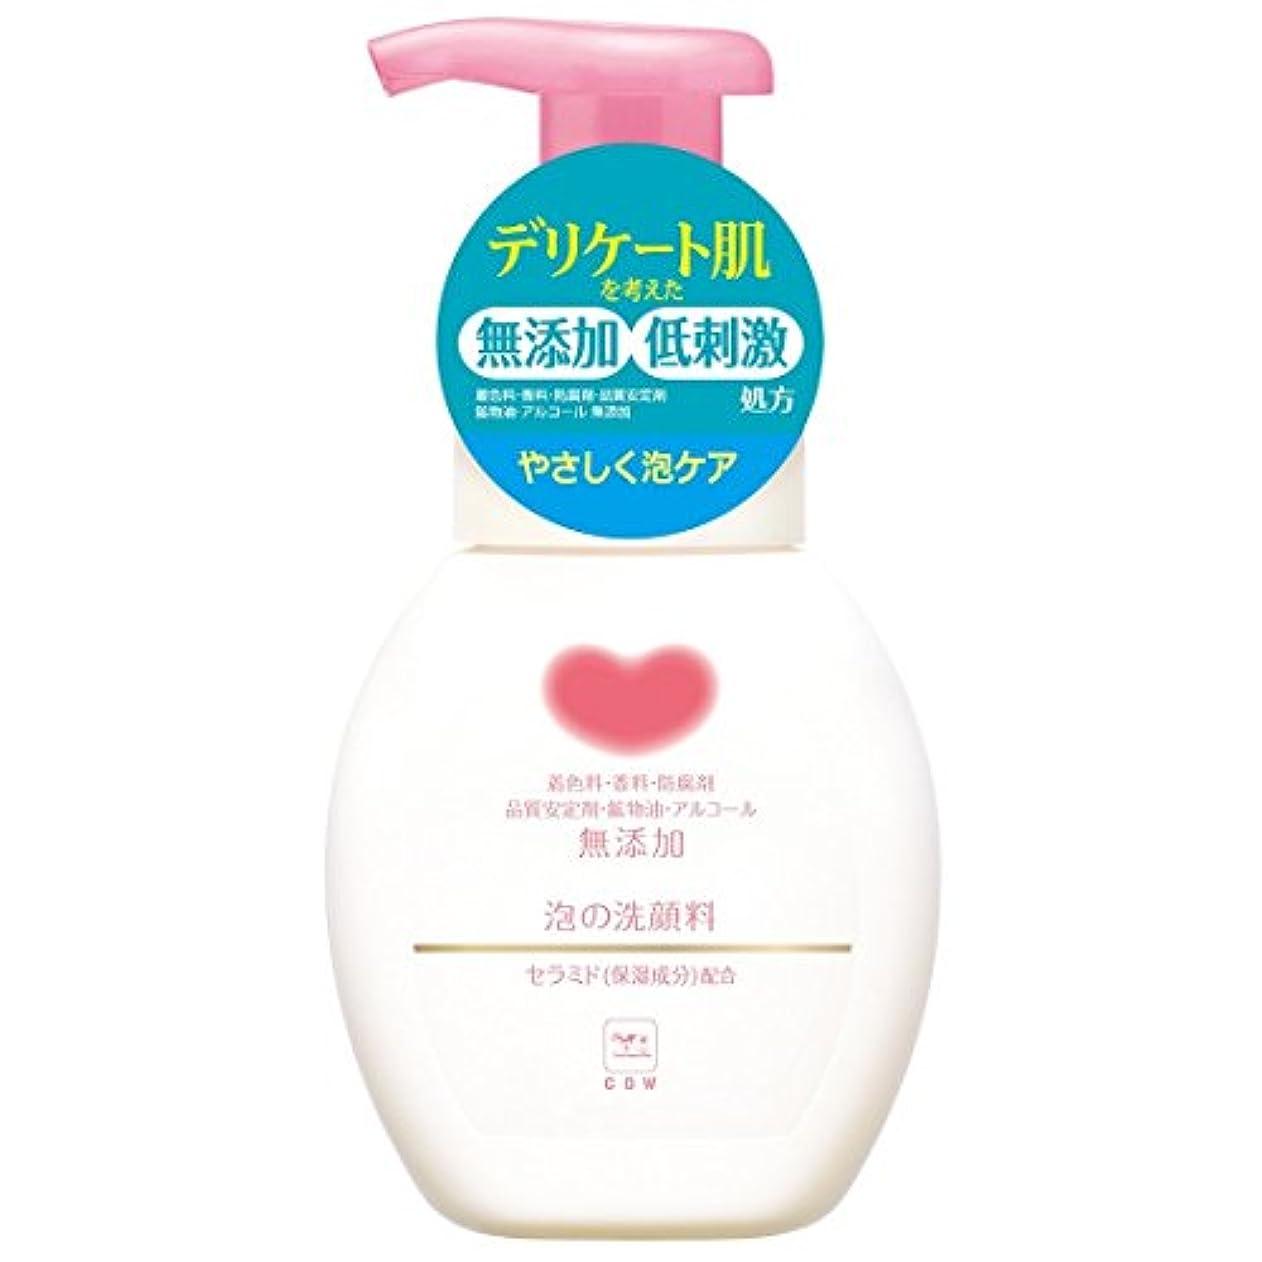 カウブランド無添加泡の洗顔料 ポンプ